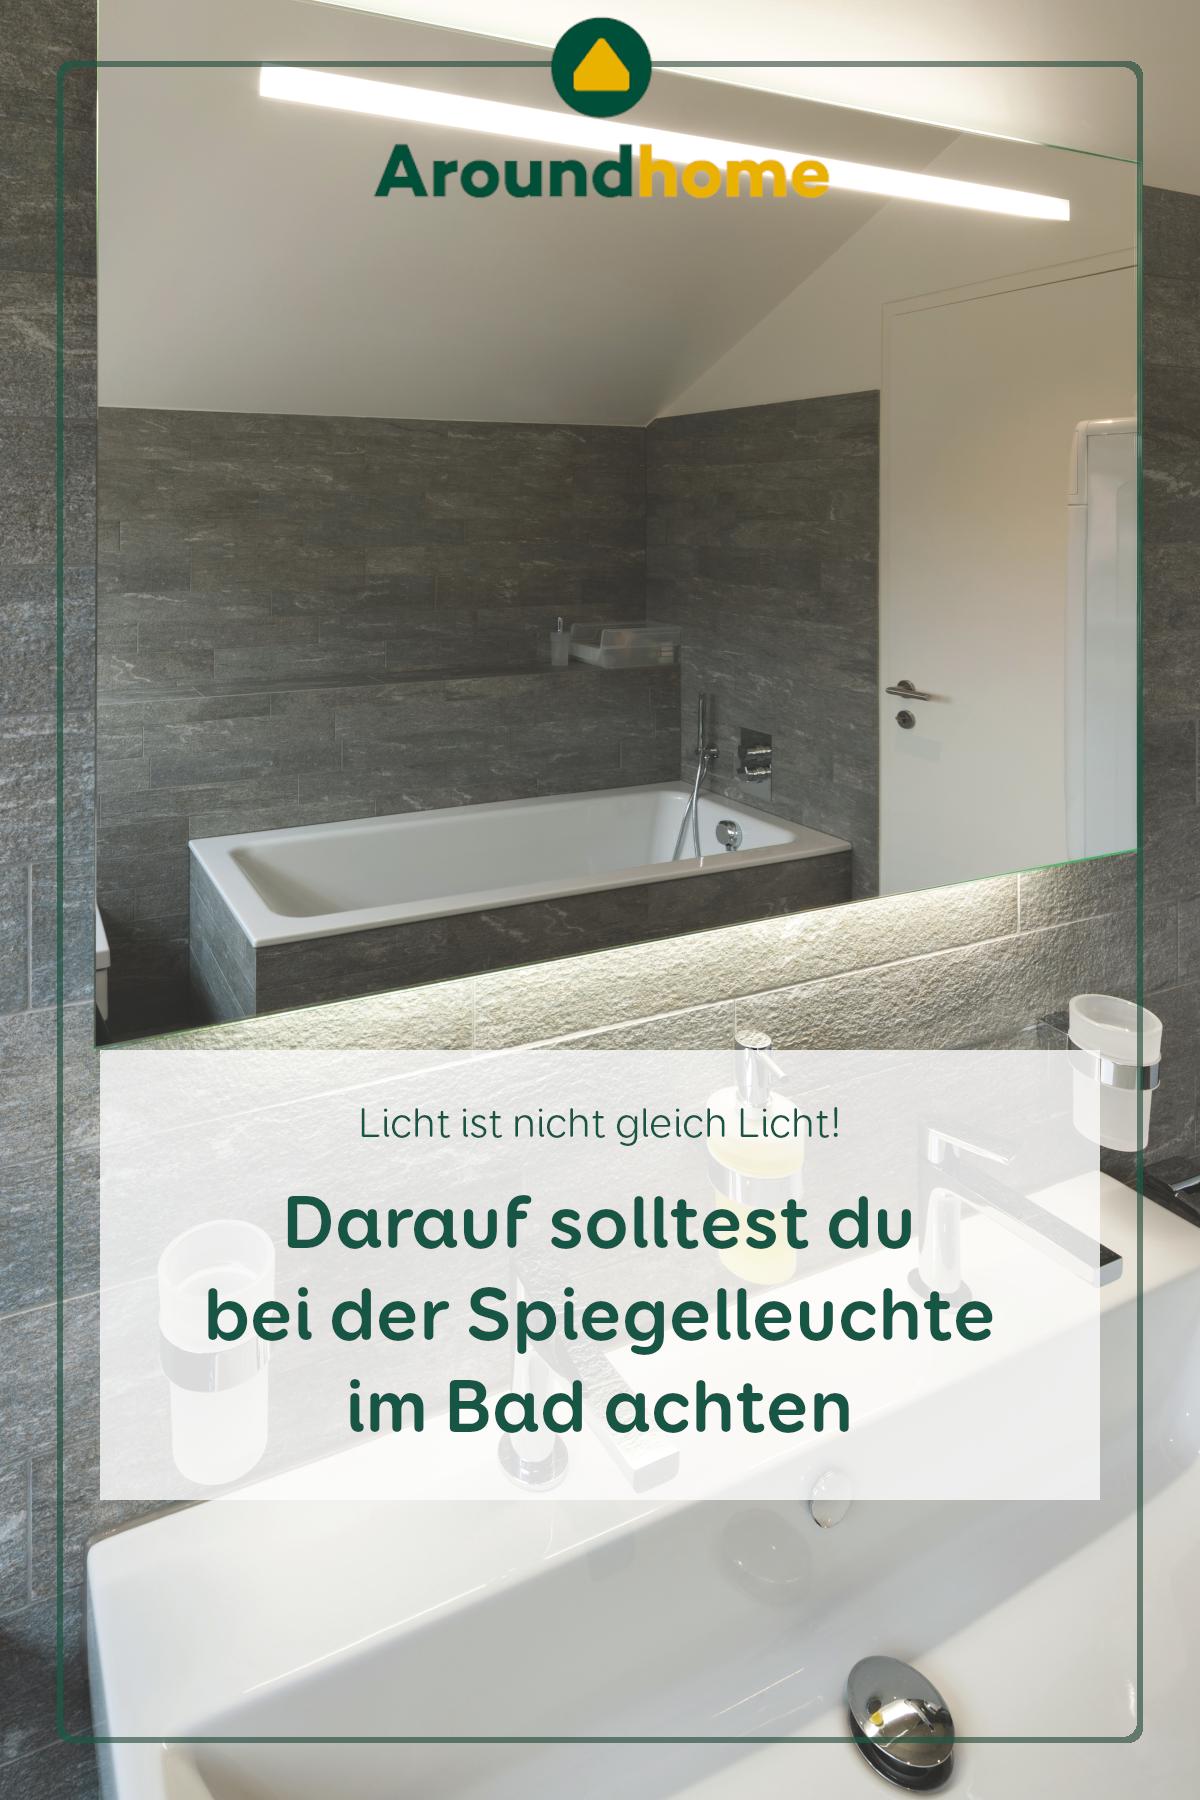 Geeignete Spiegelleuchten Furs Bad In 2020 Badezimmerideen Bad Spiegel